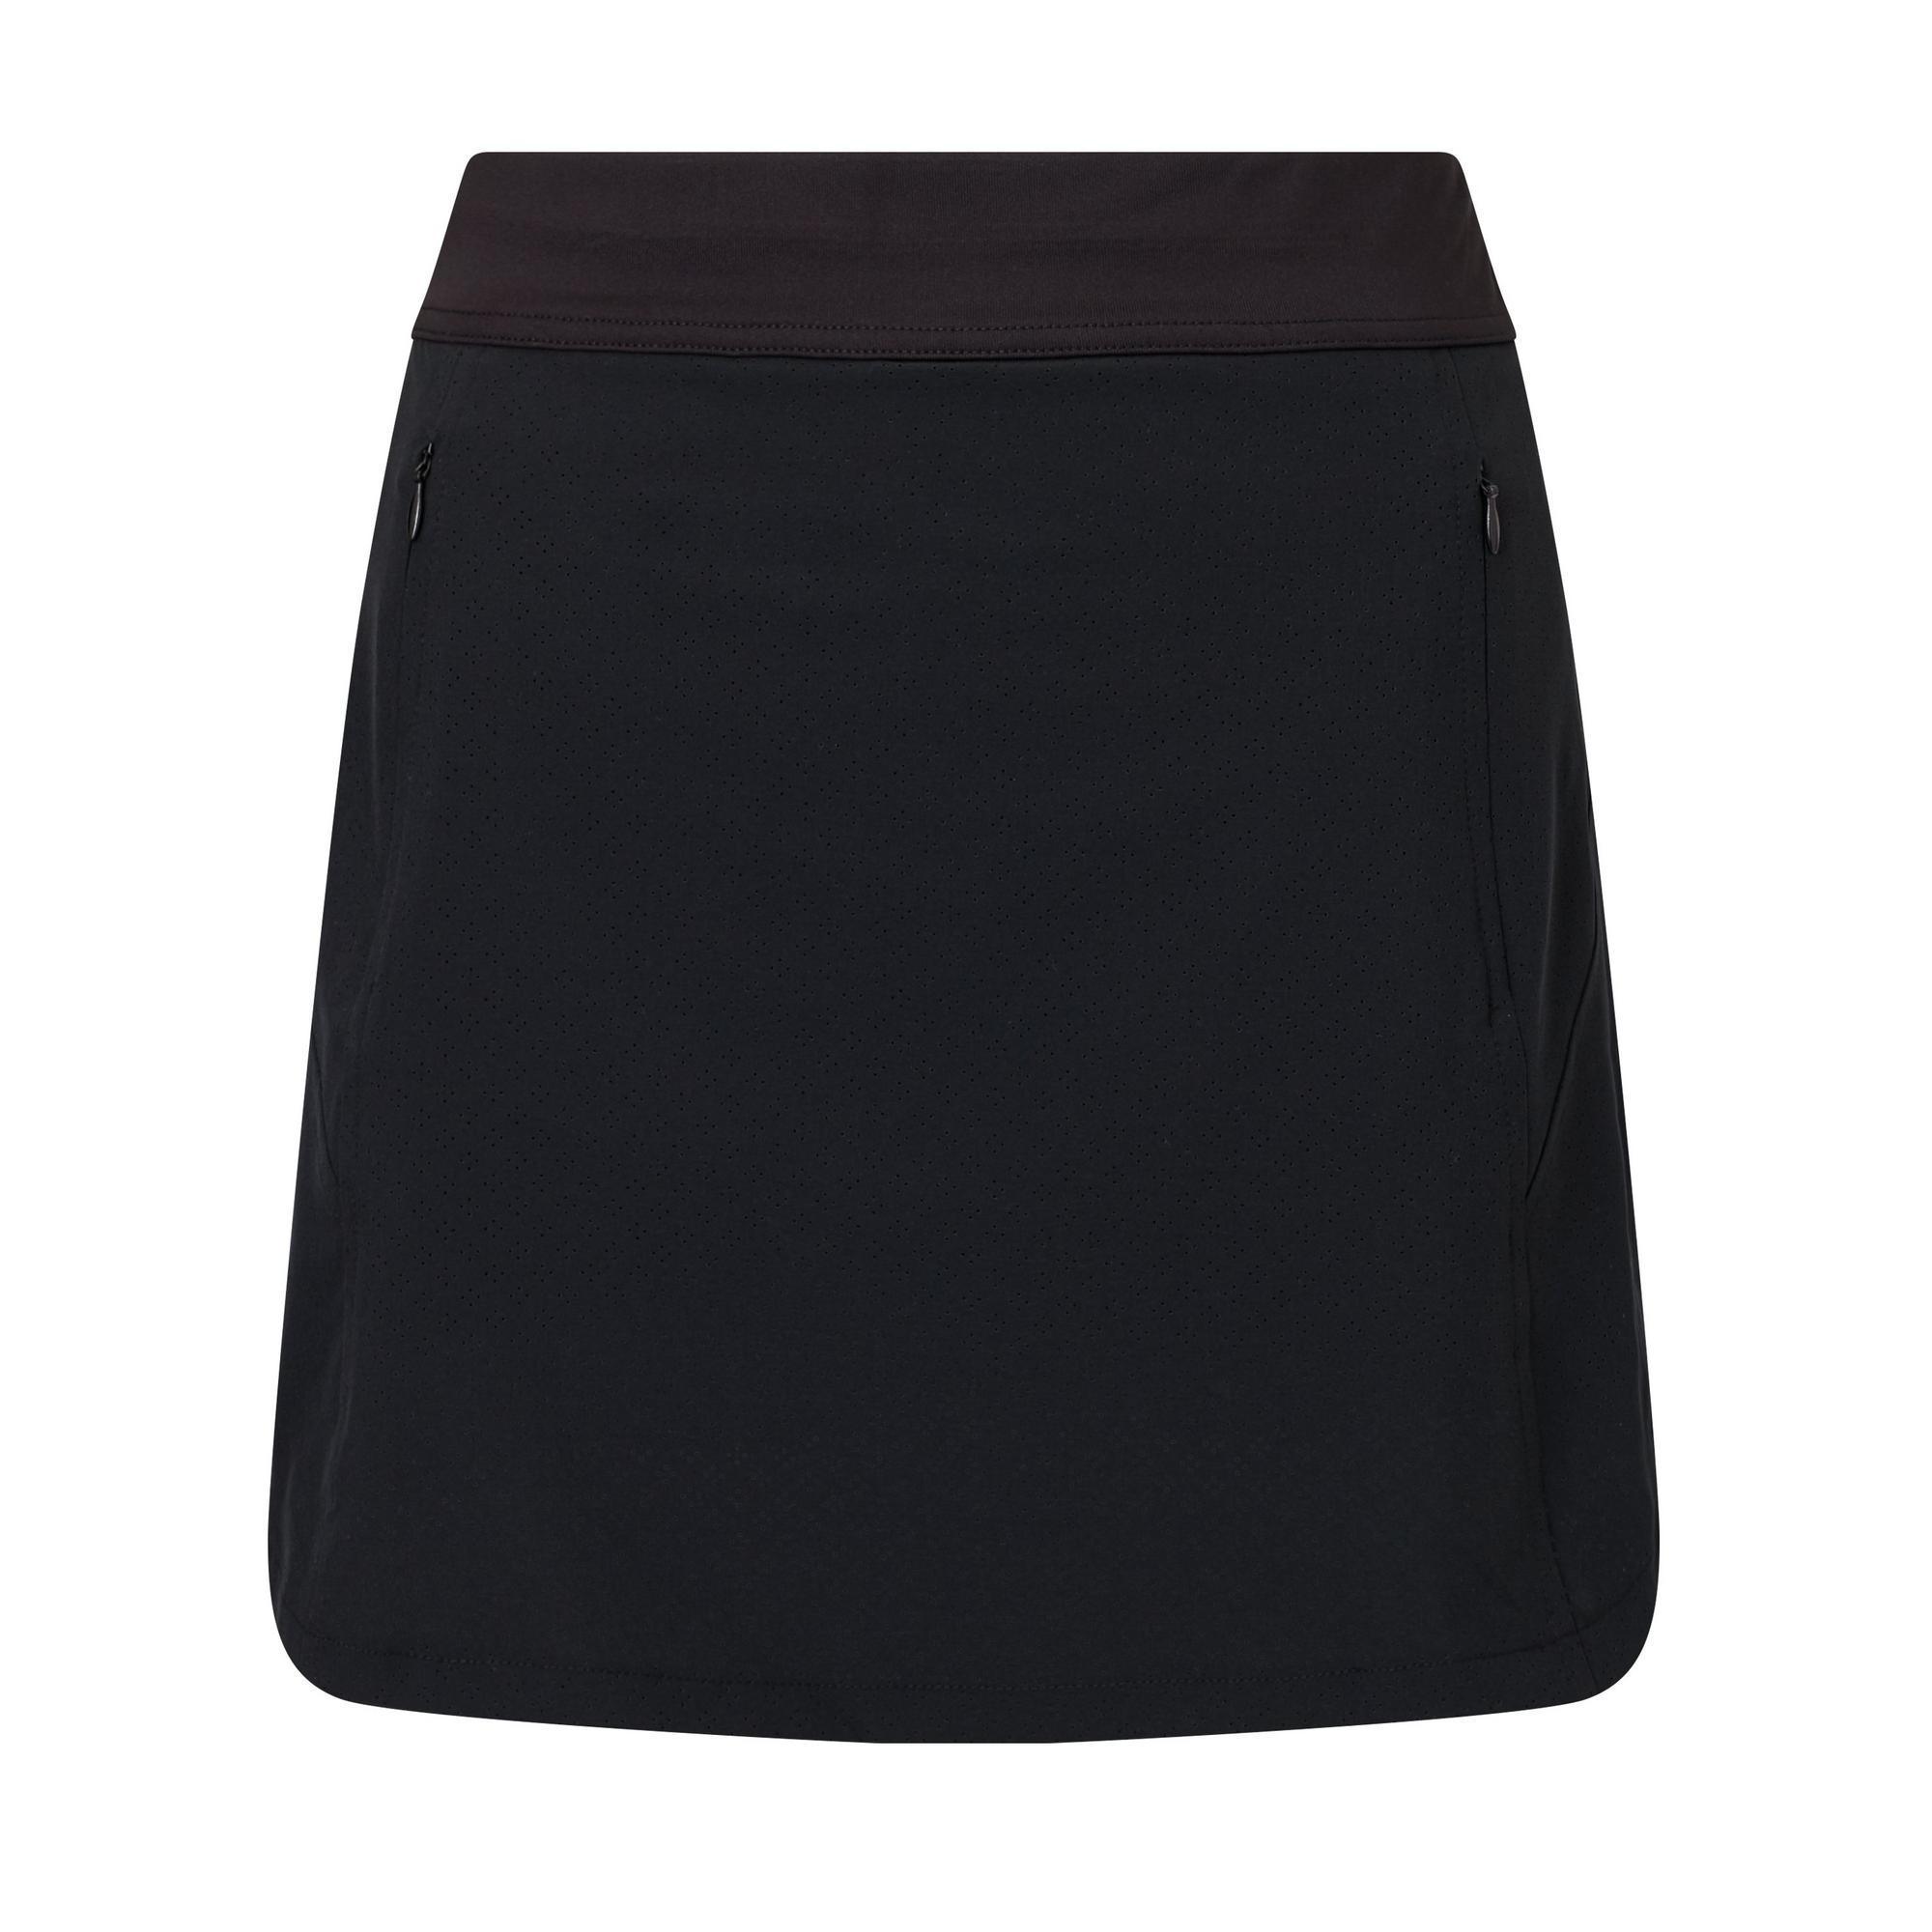 Jupe-pantalon Fast Track perforée de 17 po pour femmes